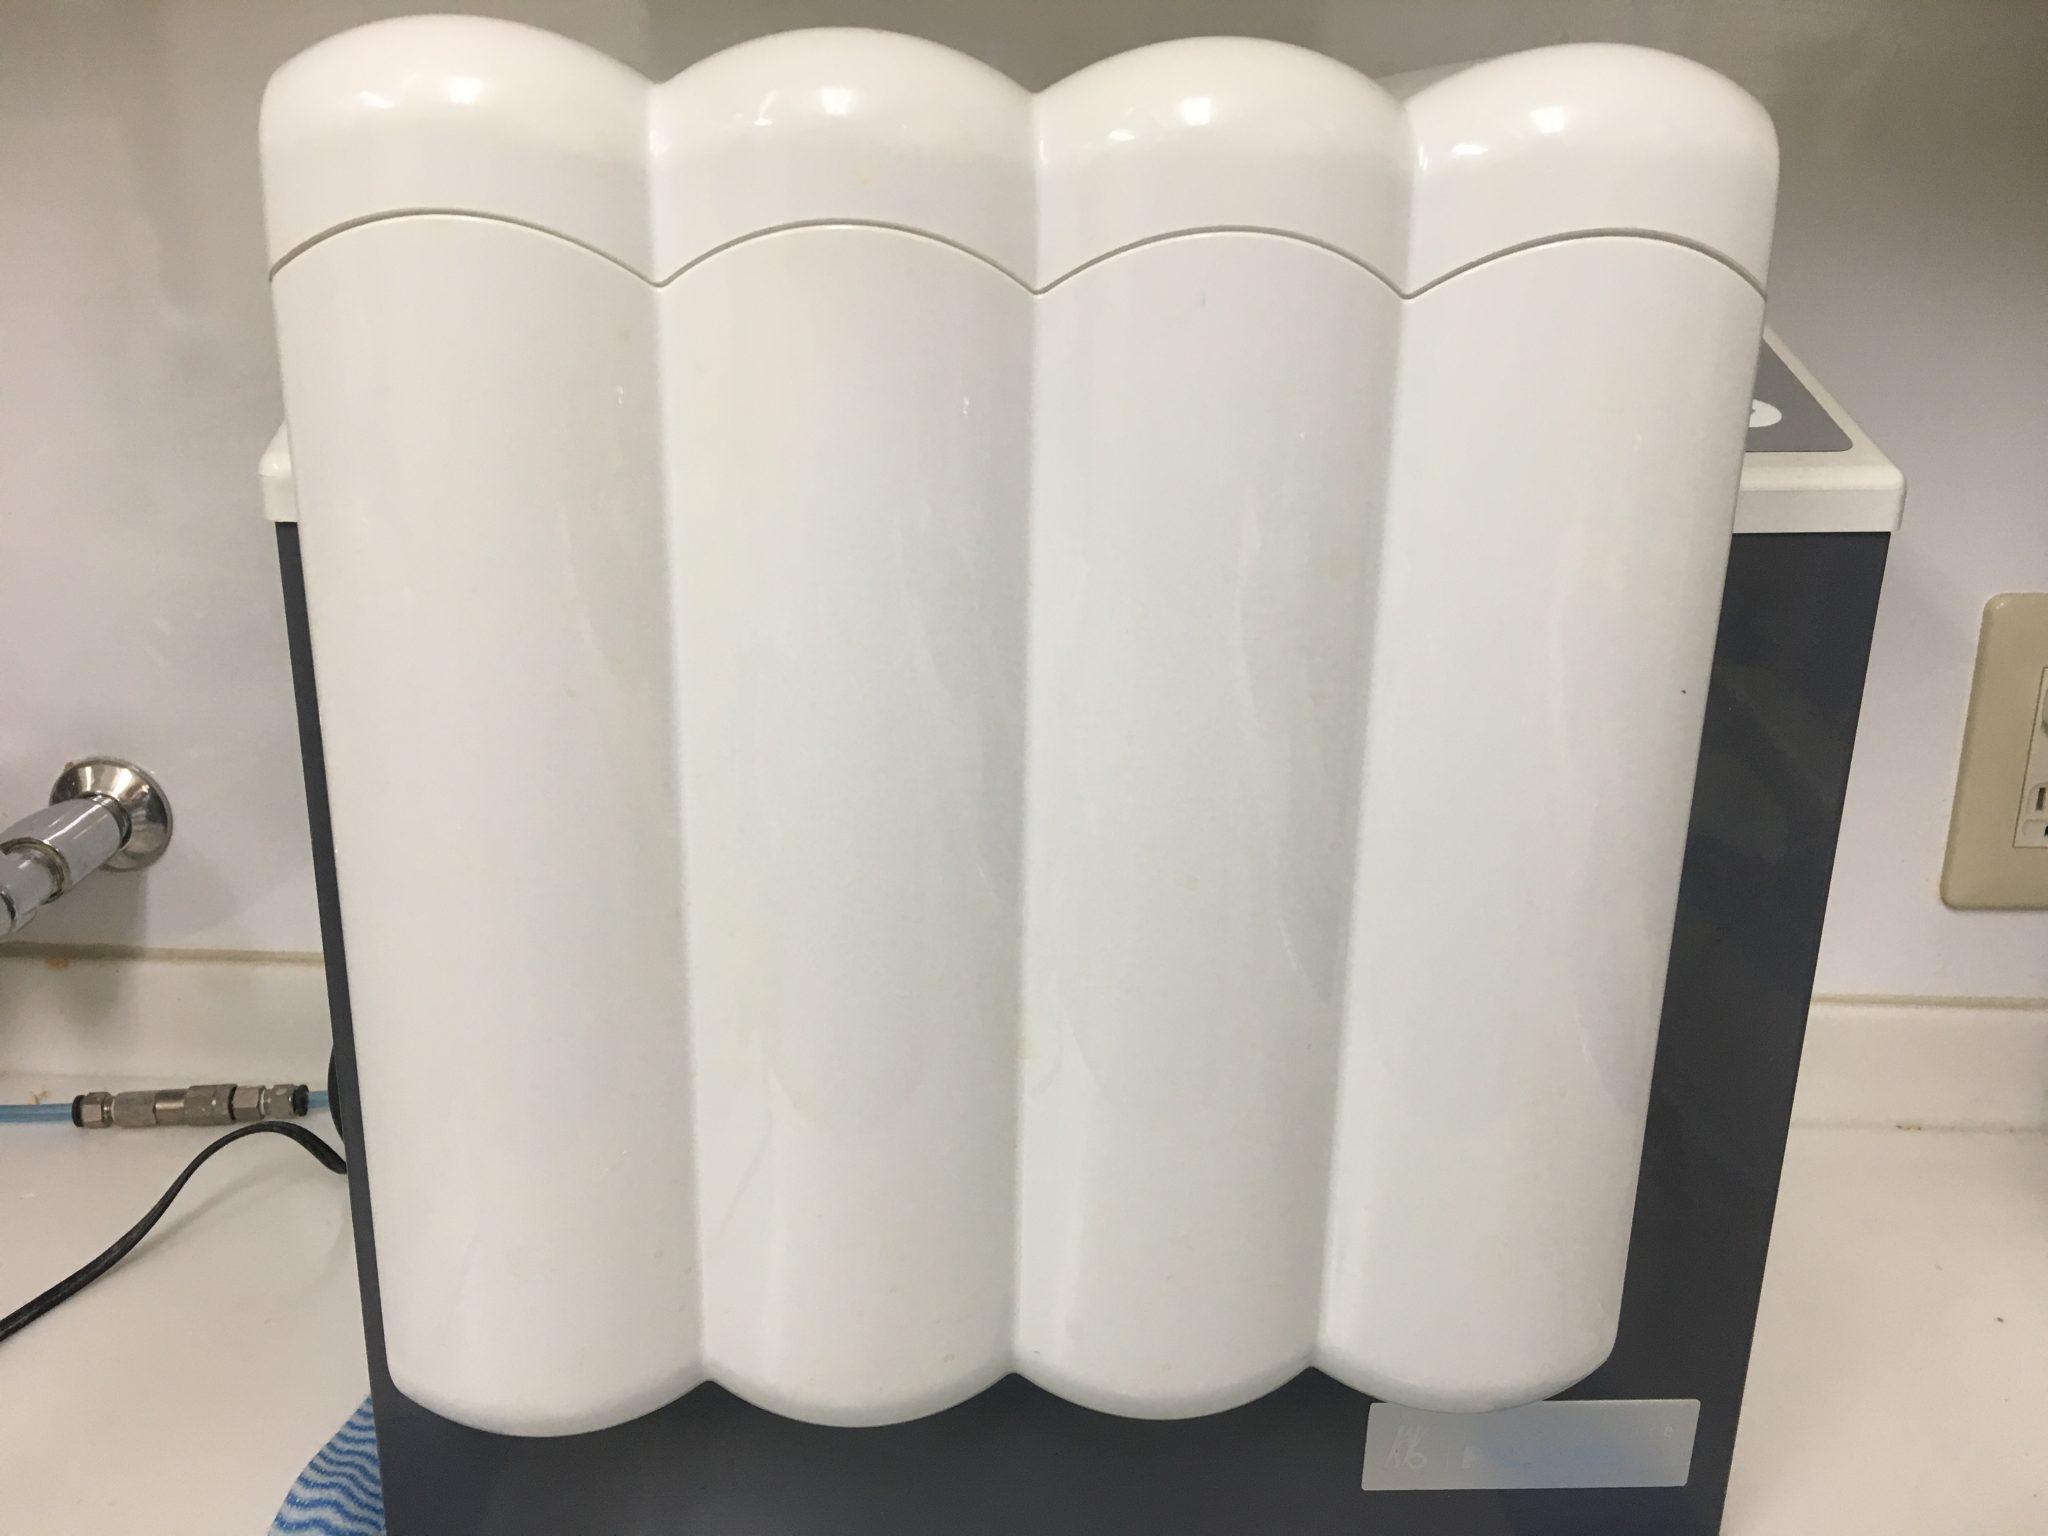 ハンドピース自動注油機器の写真